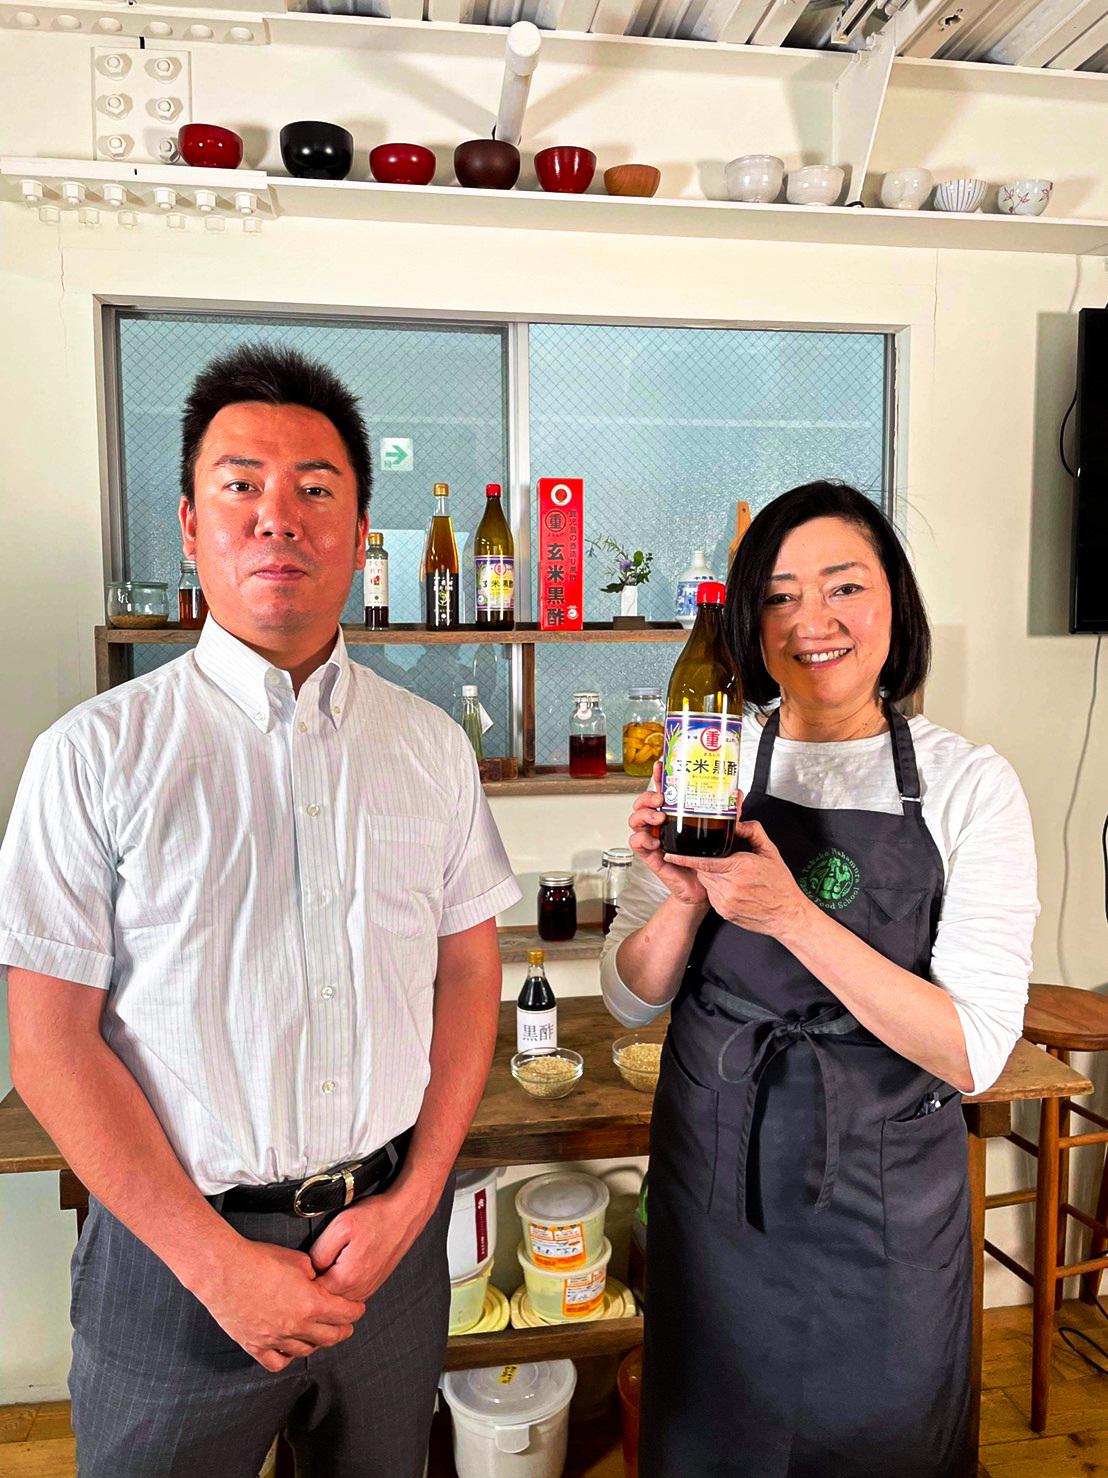 20210422タカコナカムラ先生鹿児島黒酢講習、鹿児島黒酢とその他の黒酢の違い、簡単レシピ、健康になぜ発酵食品がいいのかを講習